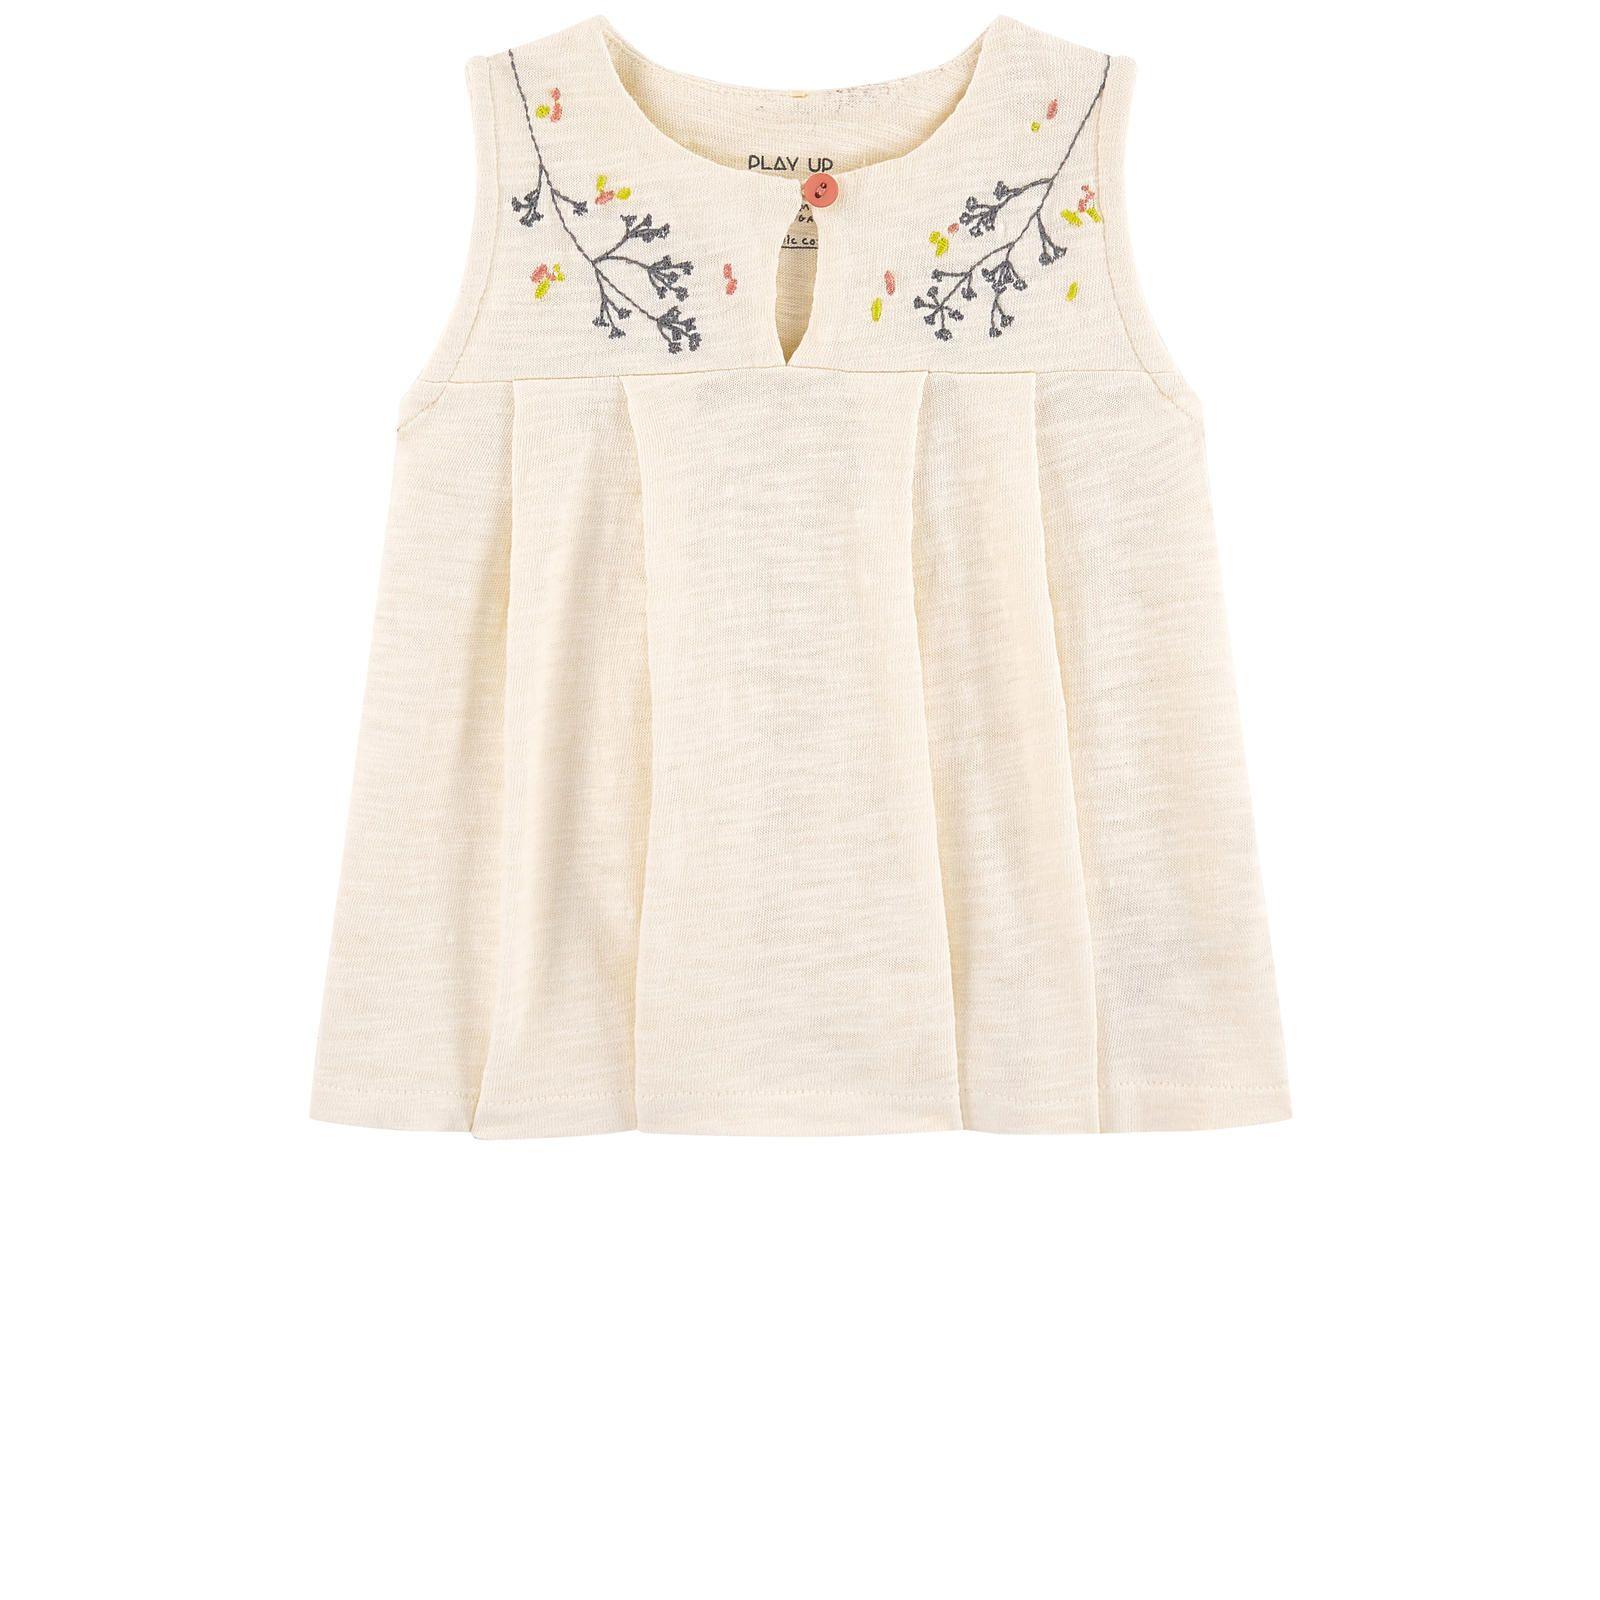 blouse-coton-playup-melijoe